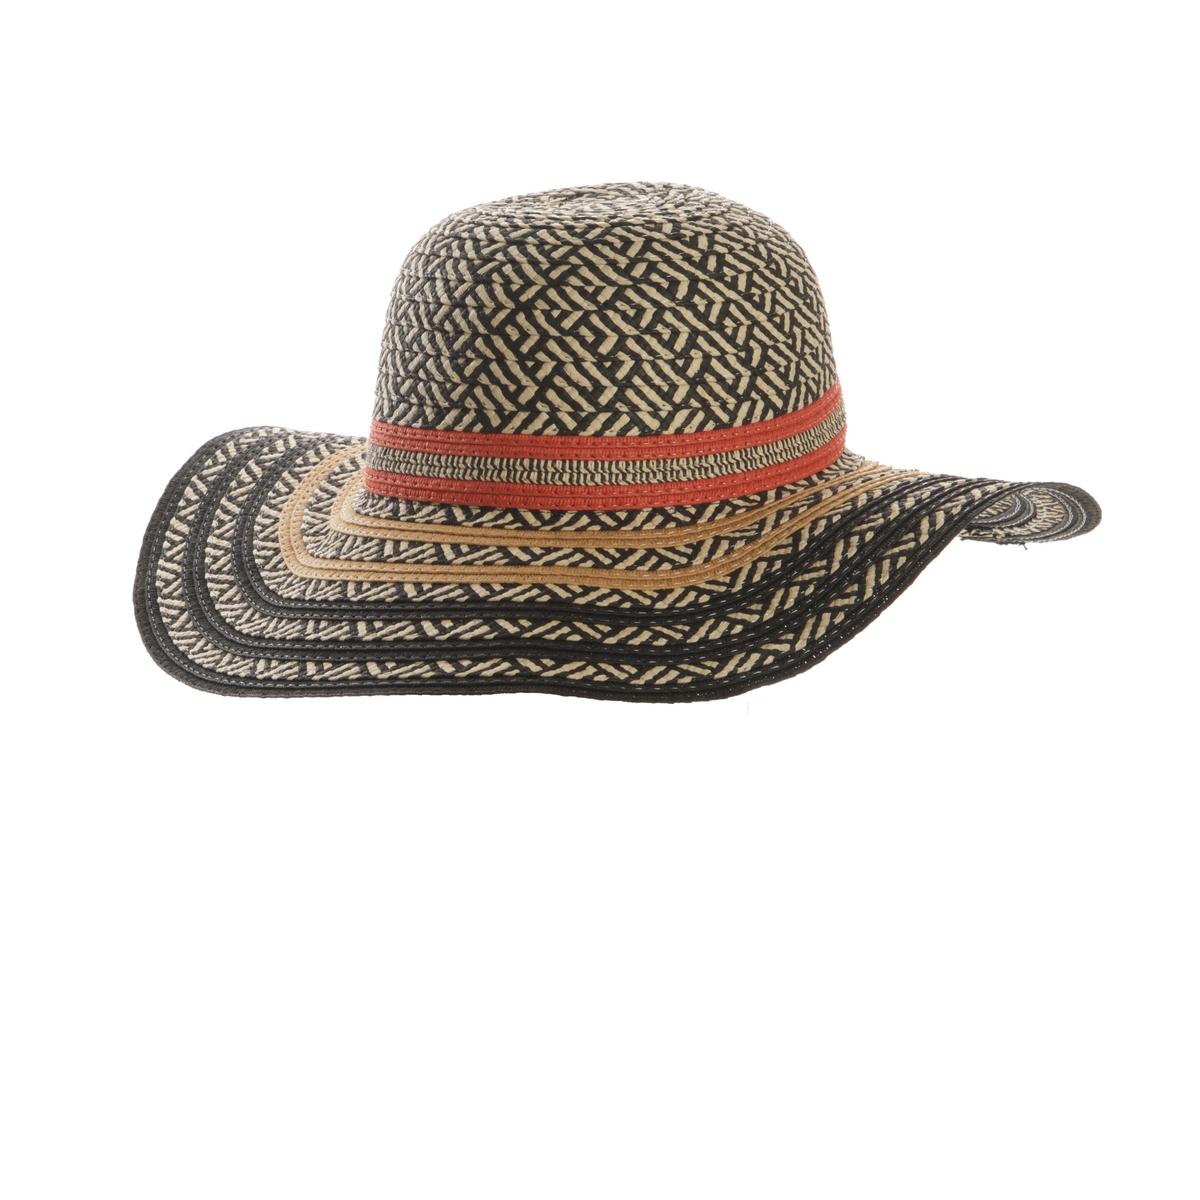 Шляпа из соломыШляпа из соломы разноцветная, R Studio . Невероятно женственная и модная, эта шляпа незаменимый аксессуар этим летом  !  Состав и описание :Материал : 100% соломыМарка : R Studio.Размеры  : Окружность головы 56 см<br><br>Цвет: разноцветный